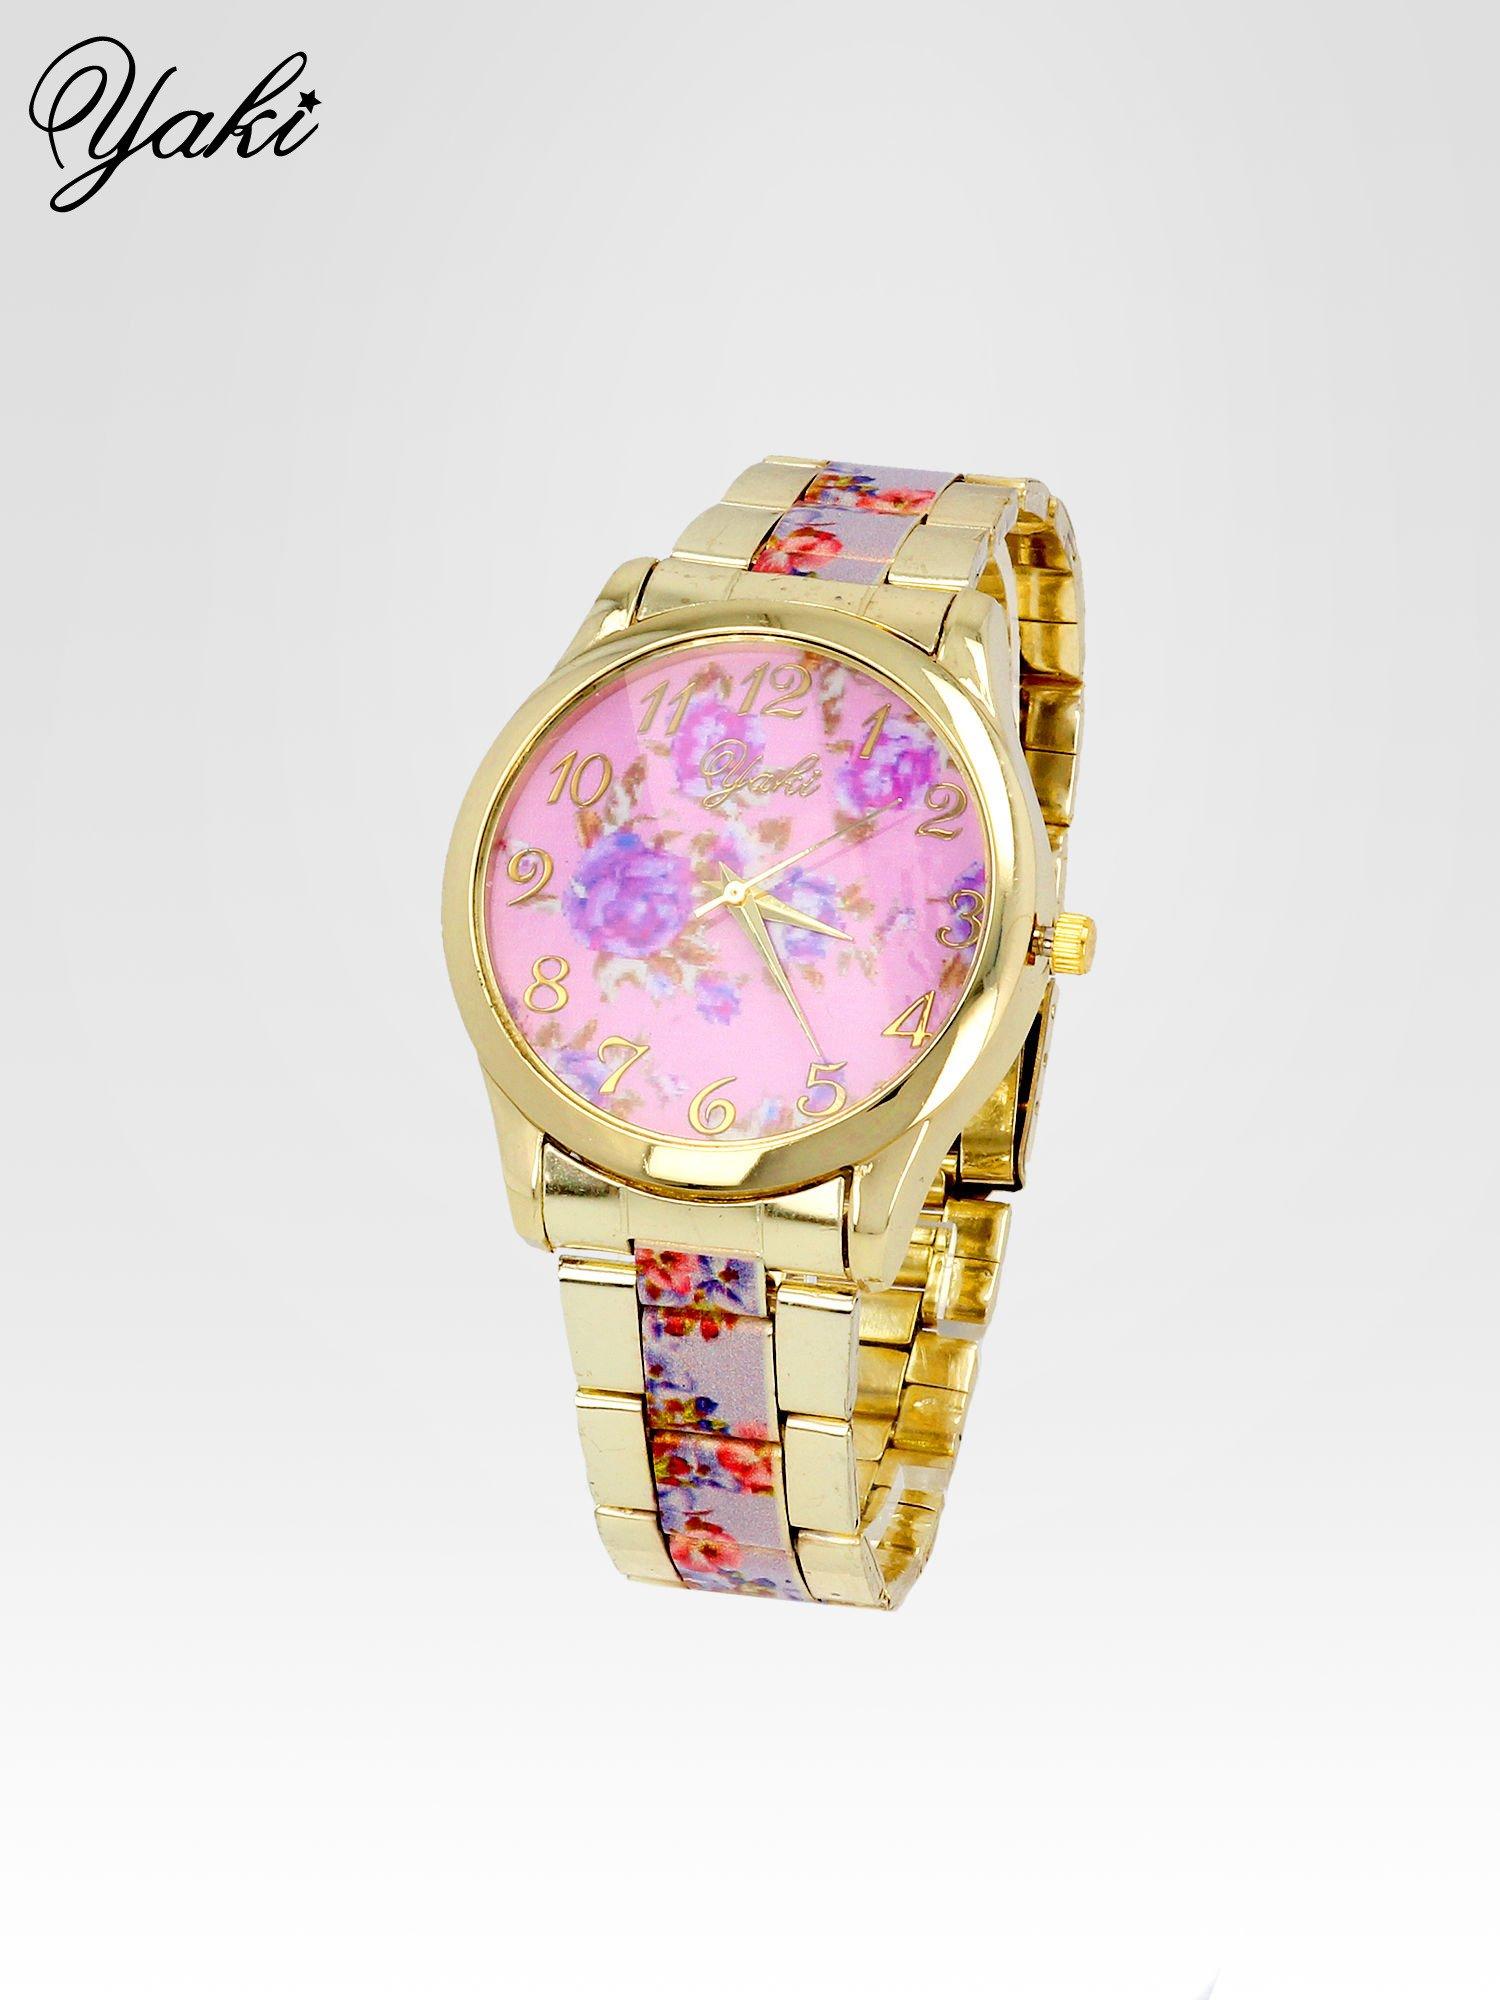 Złoty zegarek damski na bransolecie z jasnoóżowym motywem kwiatowym                                  zdj.                                  2